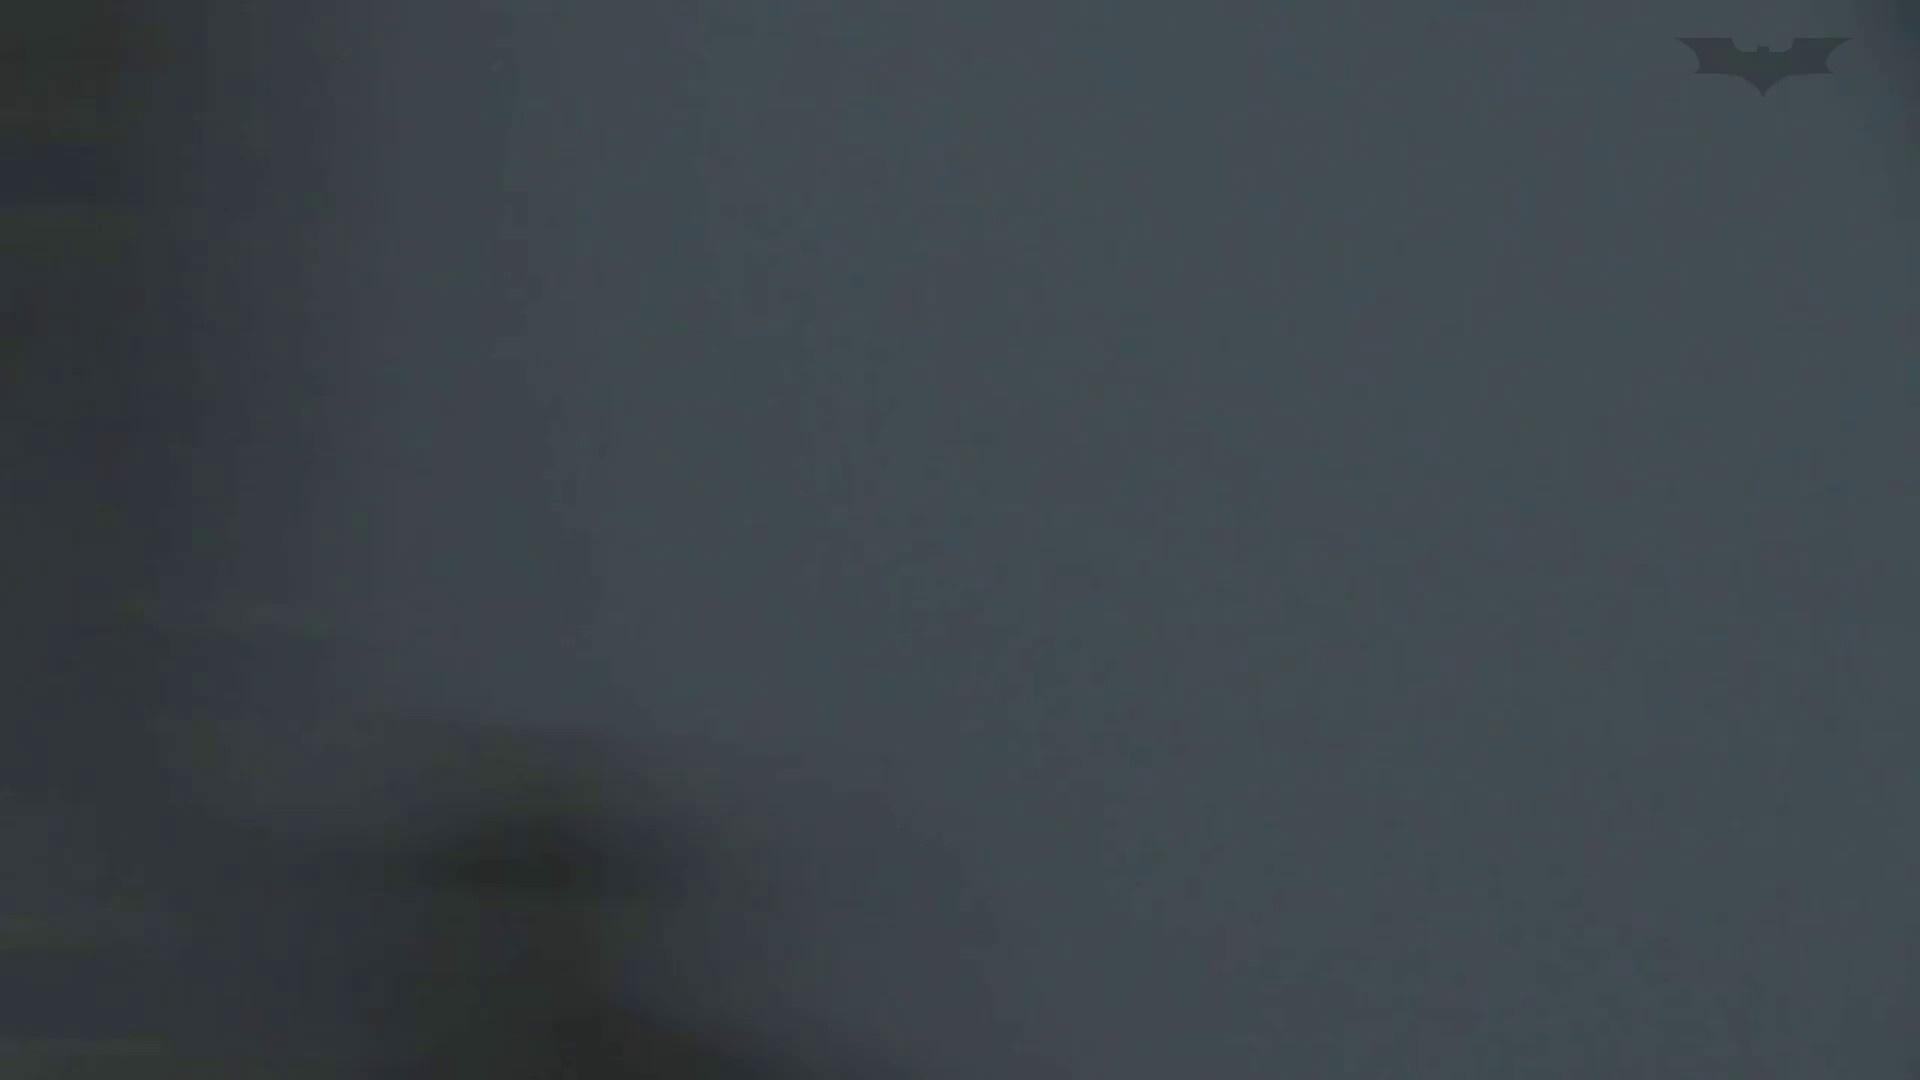 JD盗撮 美女の洗面所の秘密 Vol.45 トイレ盗撮 オマンコ動画キャプチャ 110枚 89